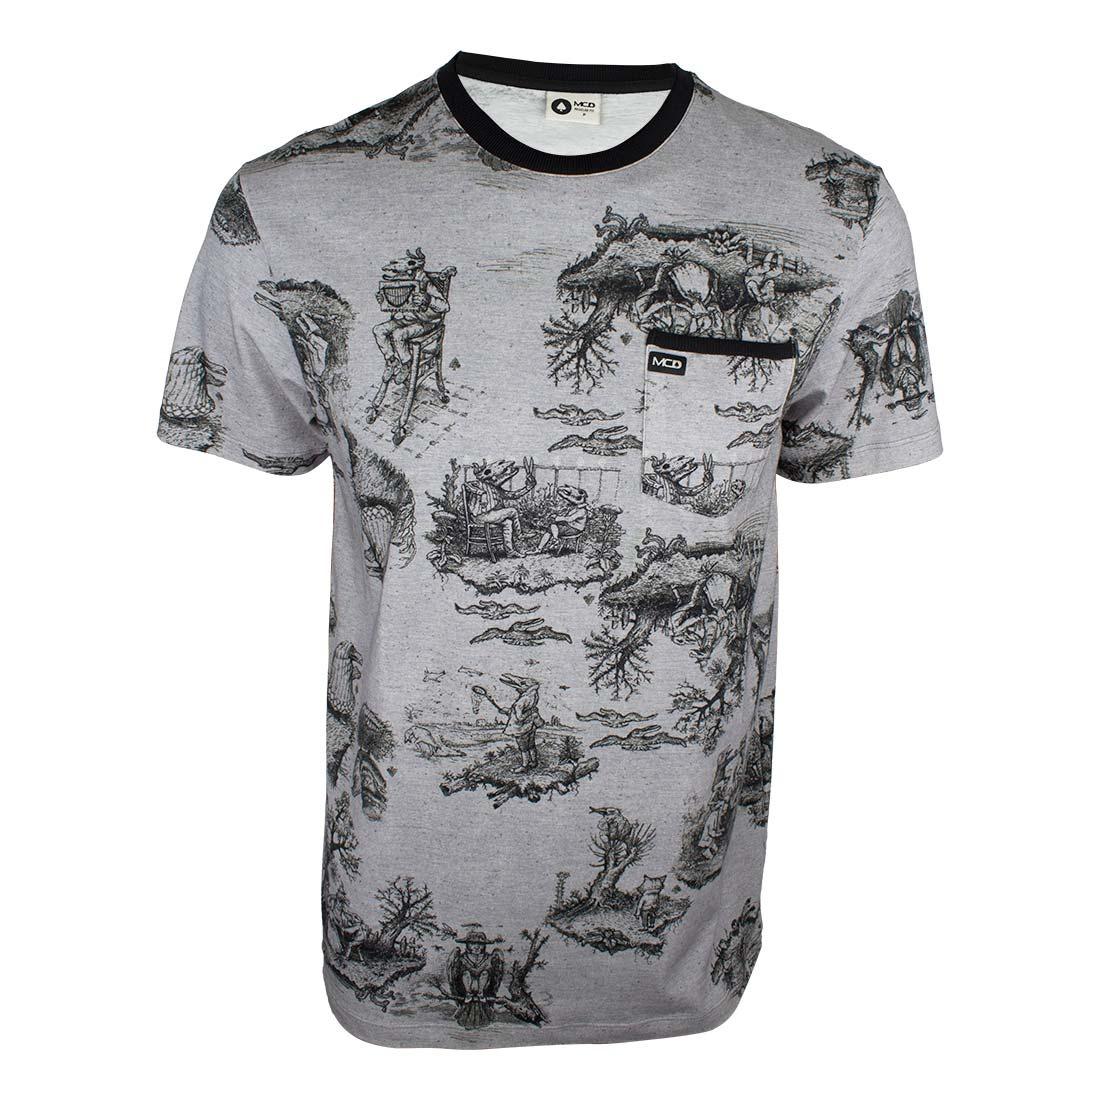 camiseta mcd especial toilet bizarre - cinza. Carregando zoom. 5de07da9e7a